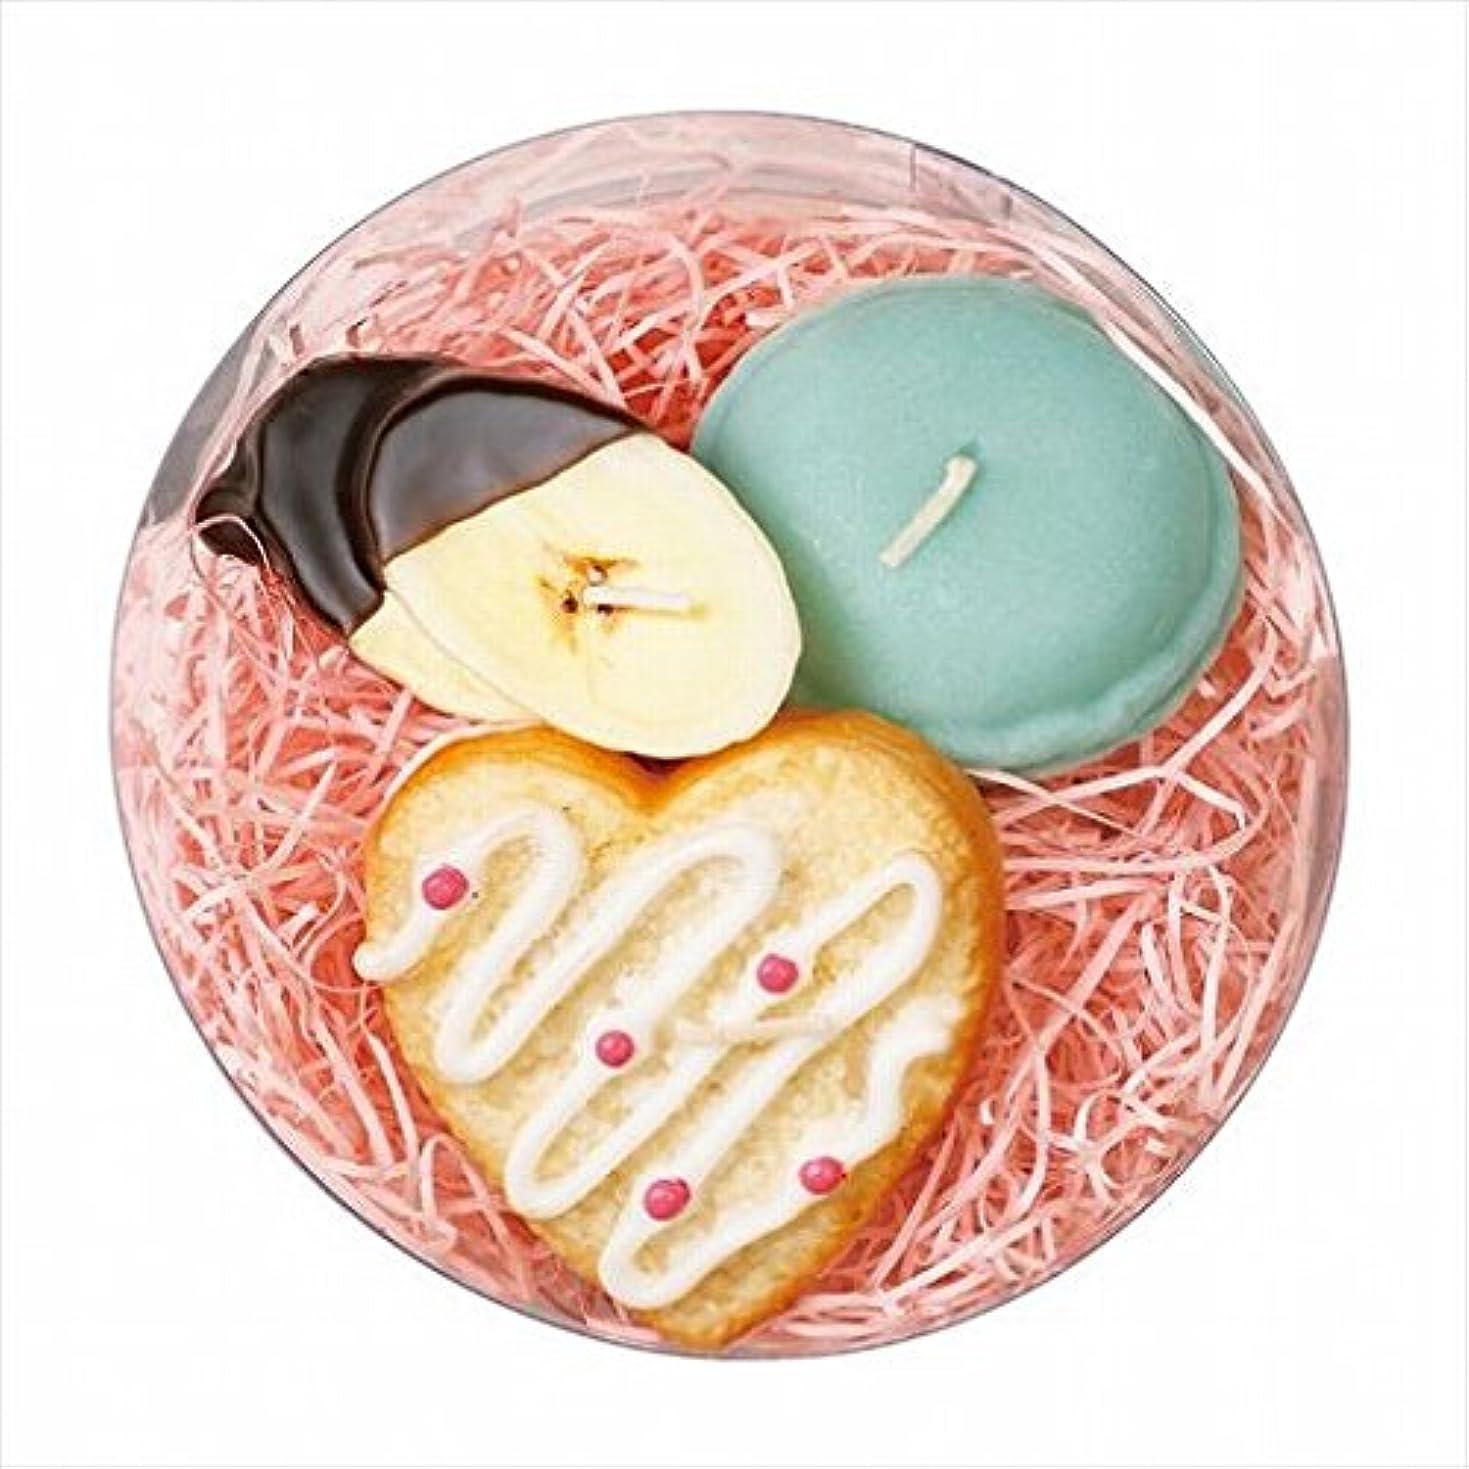 狂乱守る最大限スイーツキャンドル( sweets candle ) プチスイーツキャンドルセット 「 シュガーハート 」 キャンドル